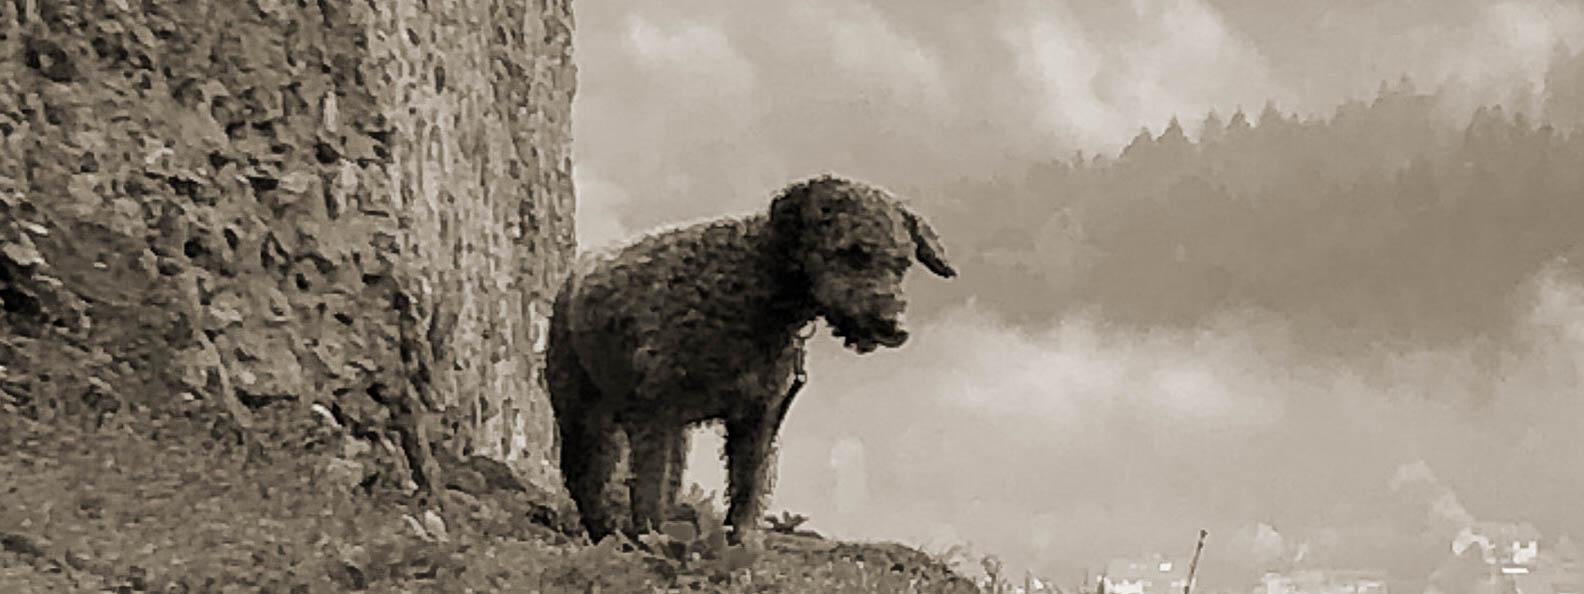 Ein Hund steht vor einer Burg am Berg